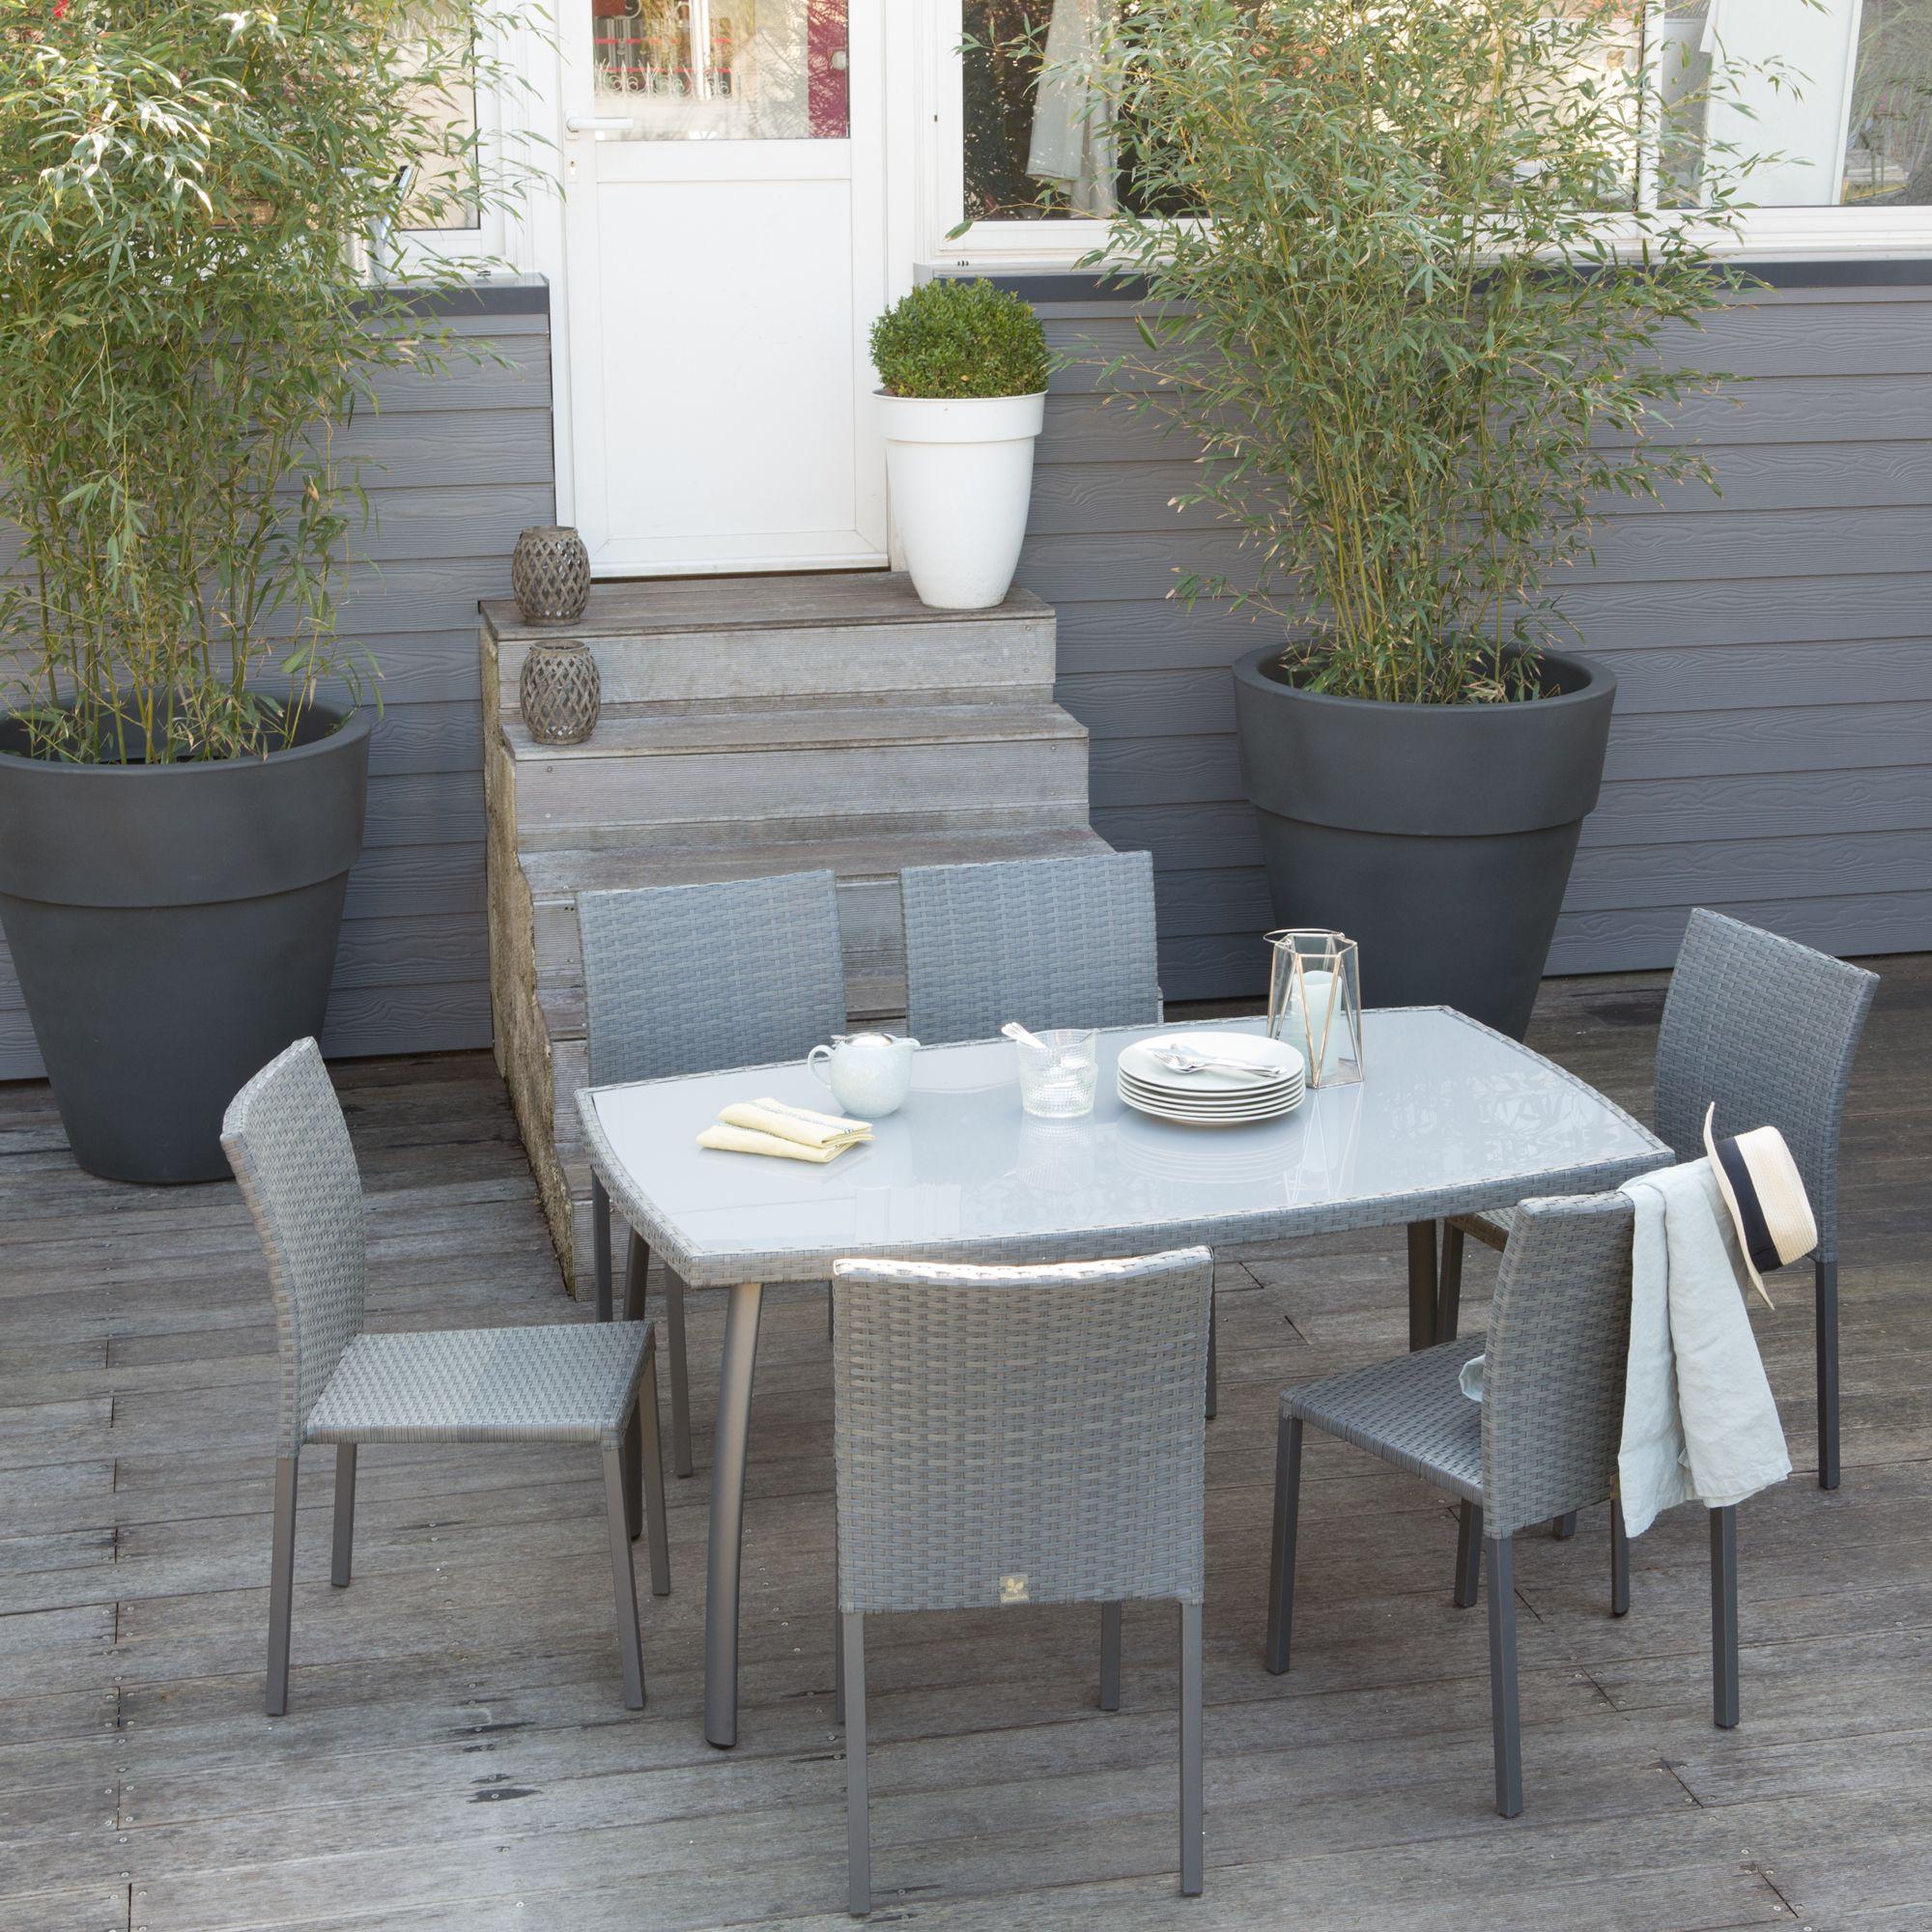 Salon De Jardin 6 Places En Rsine Tresse Grise Table Rectangulaire 150x90cm Chaises